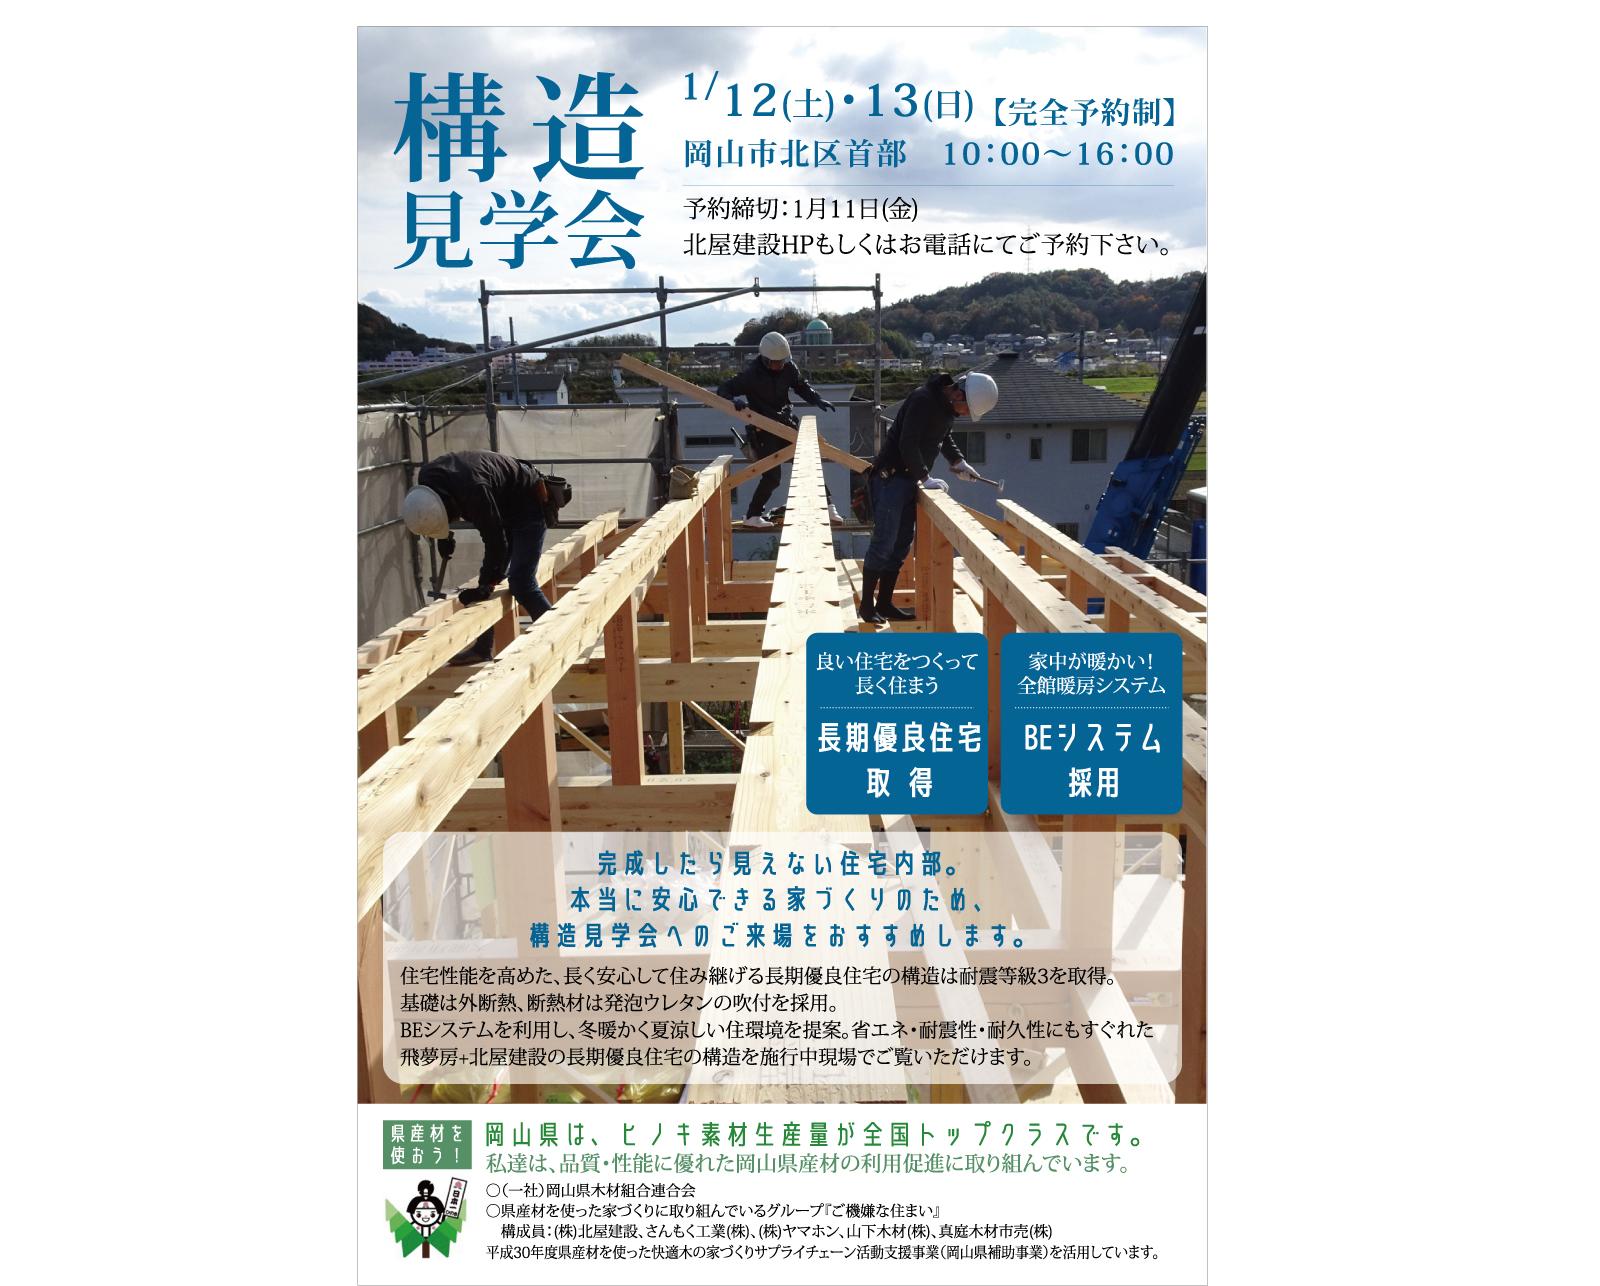 【構造見学会】―完成してからでは見れない住宅内部を見学しよう!安心できる家づくりを―